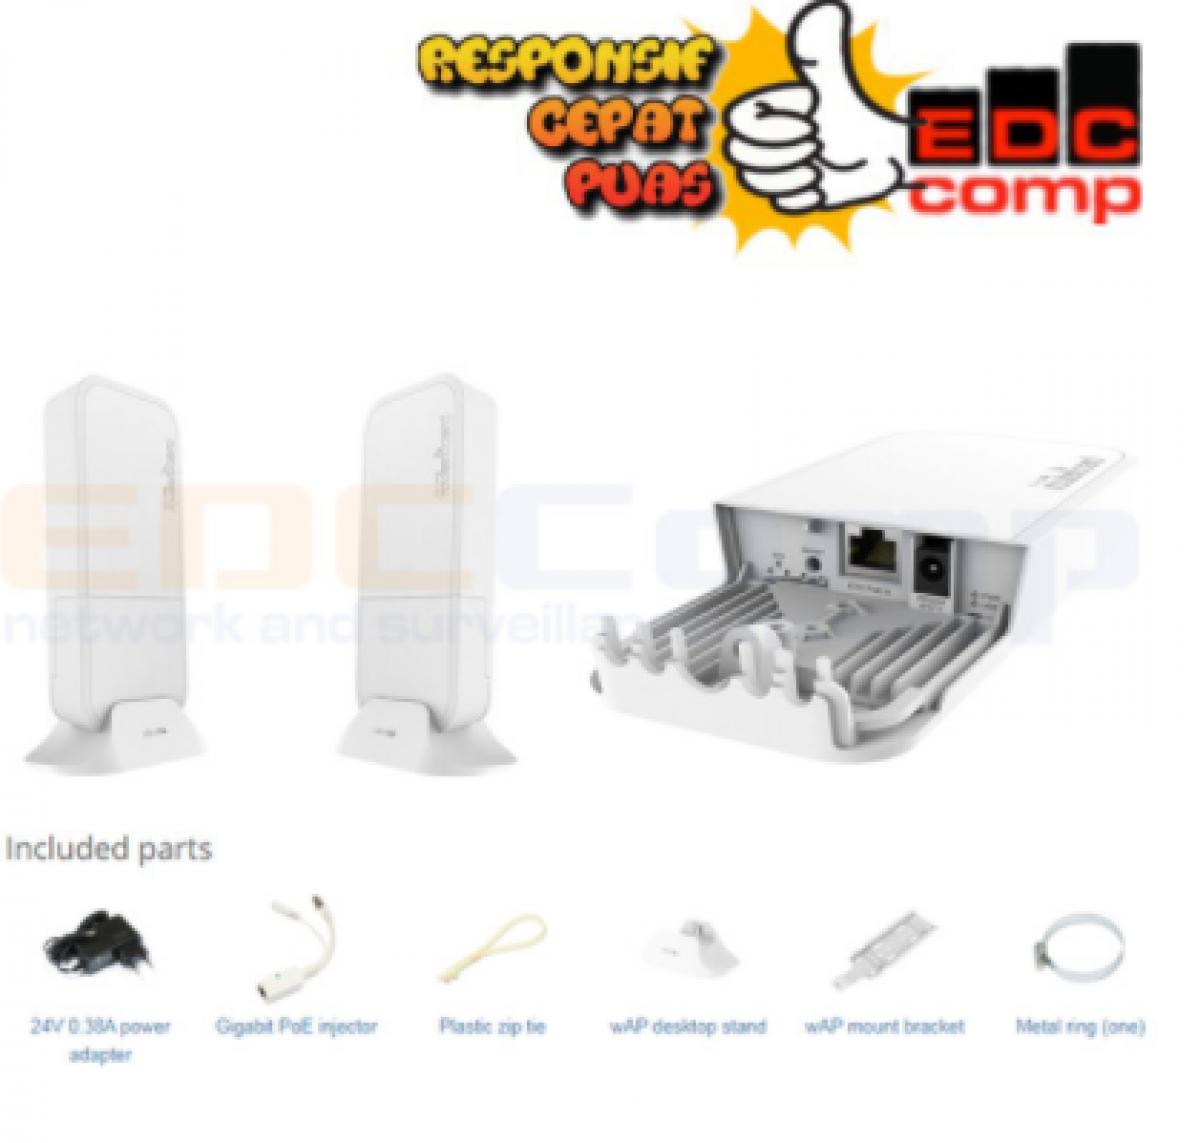 Mikrotik wireless wire RBwAPG-60adkit - EdcComp